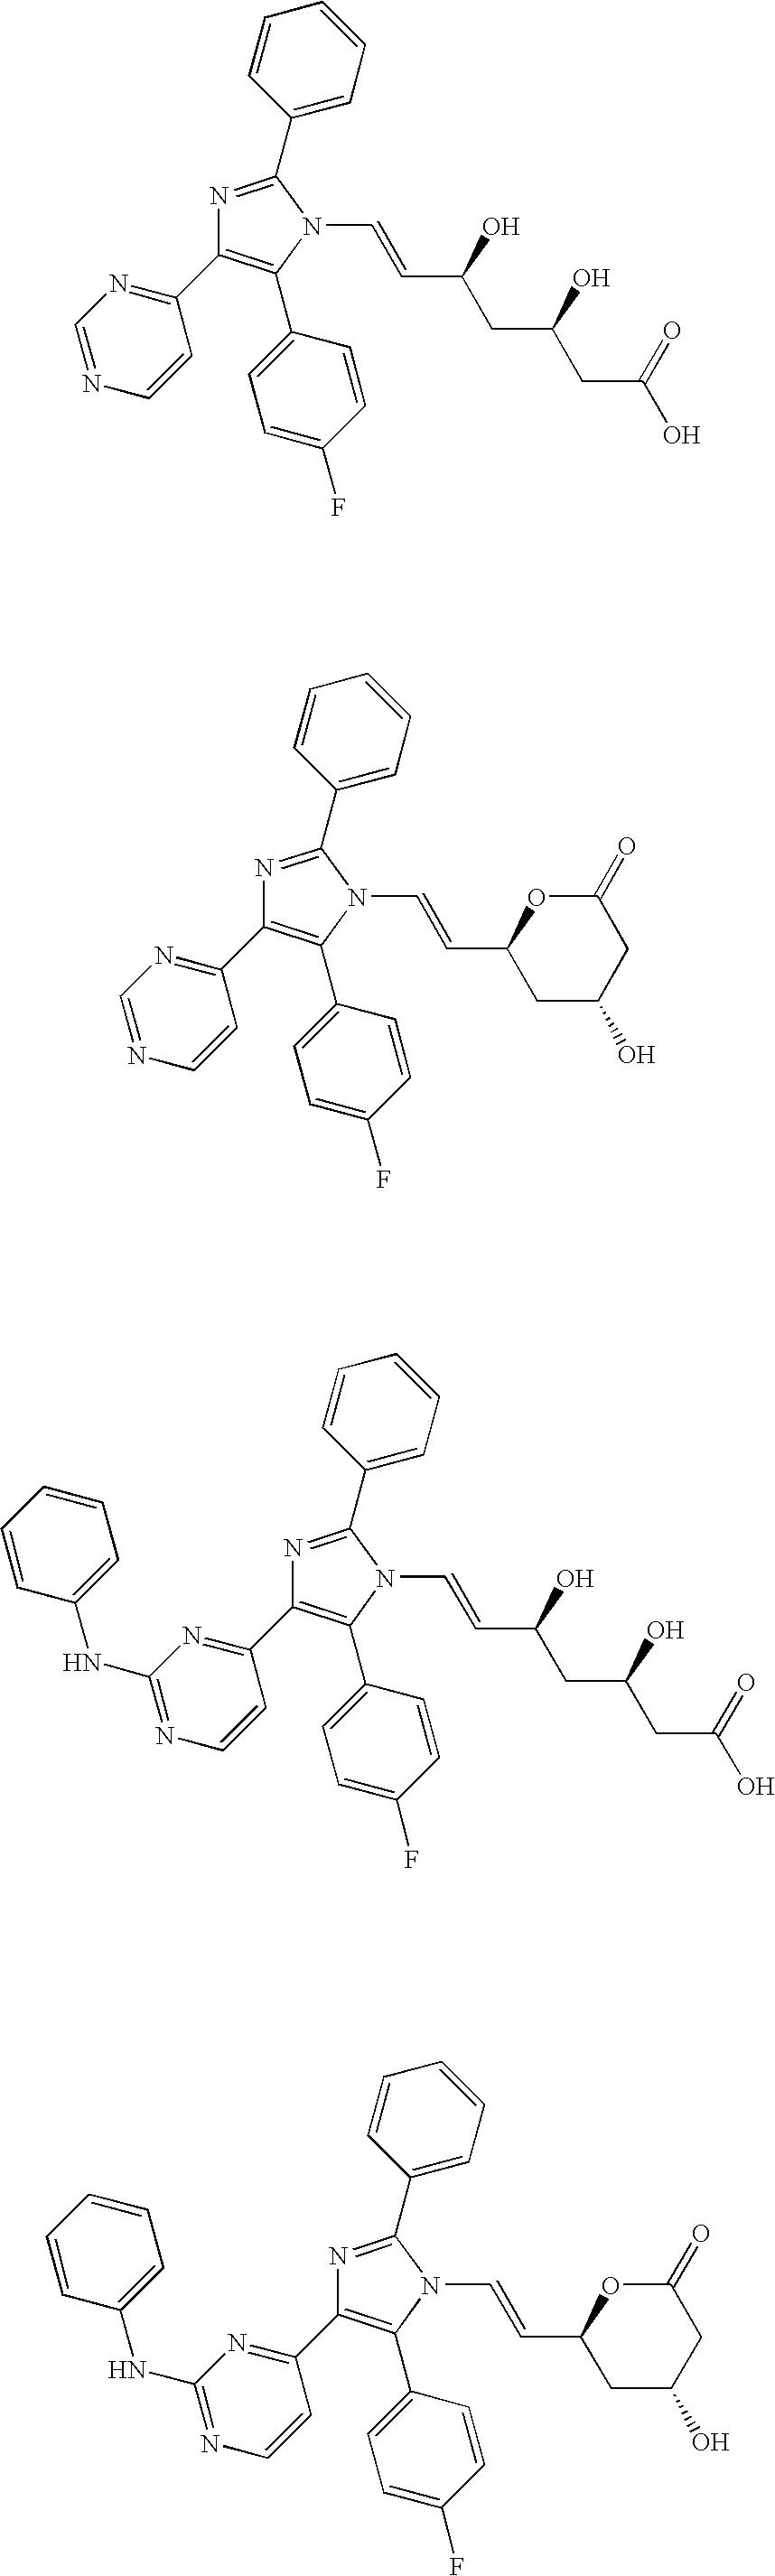 Figure US07183285-20070227-C00068